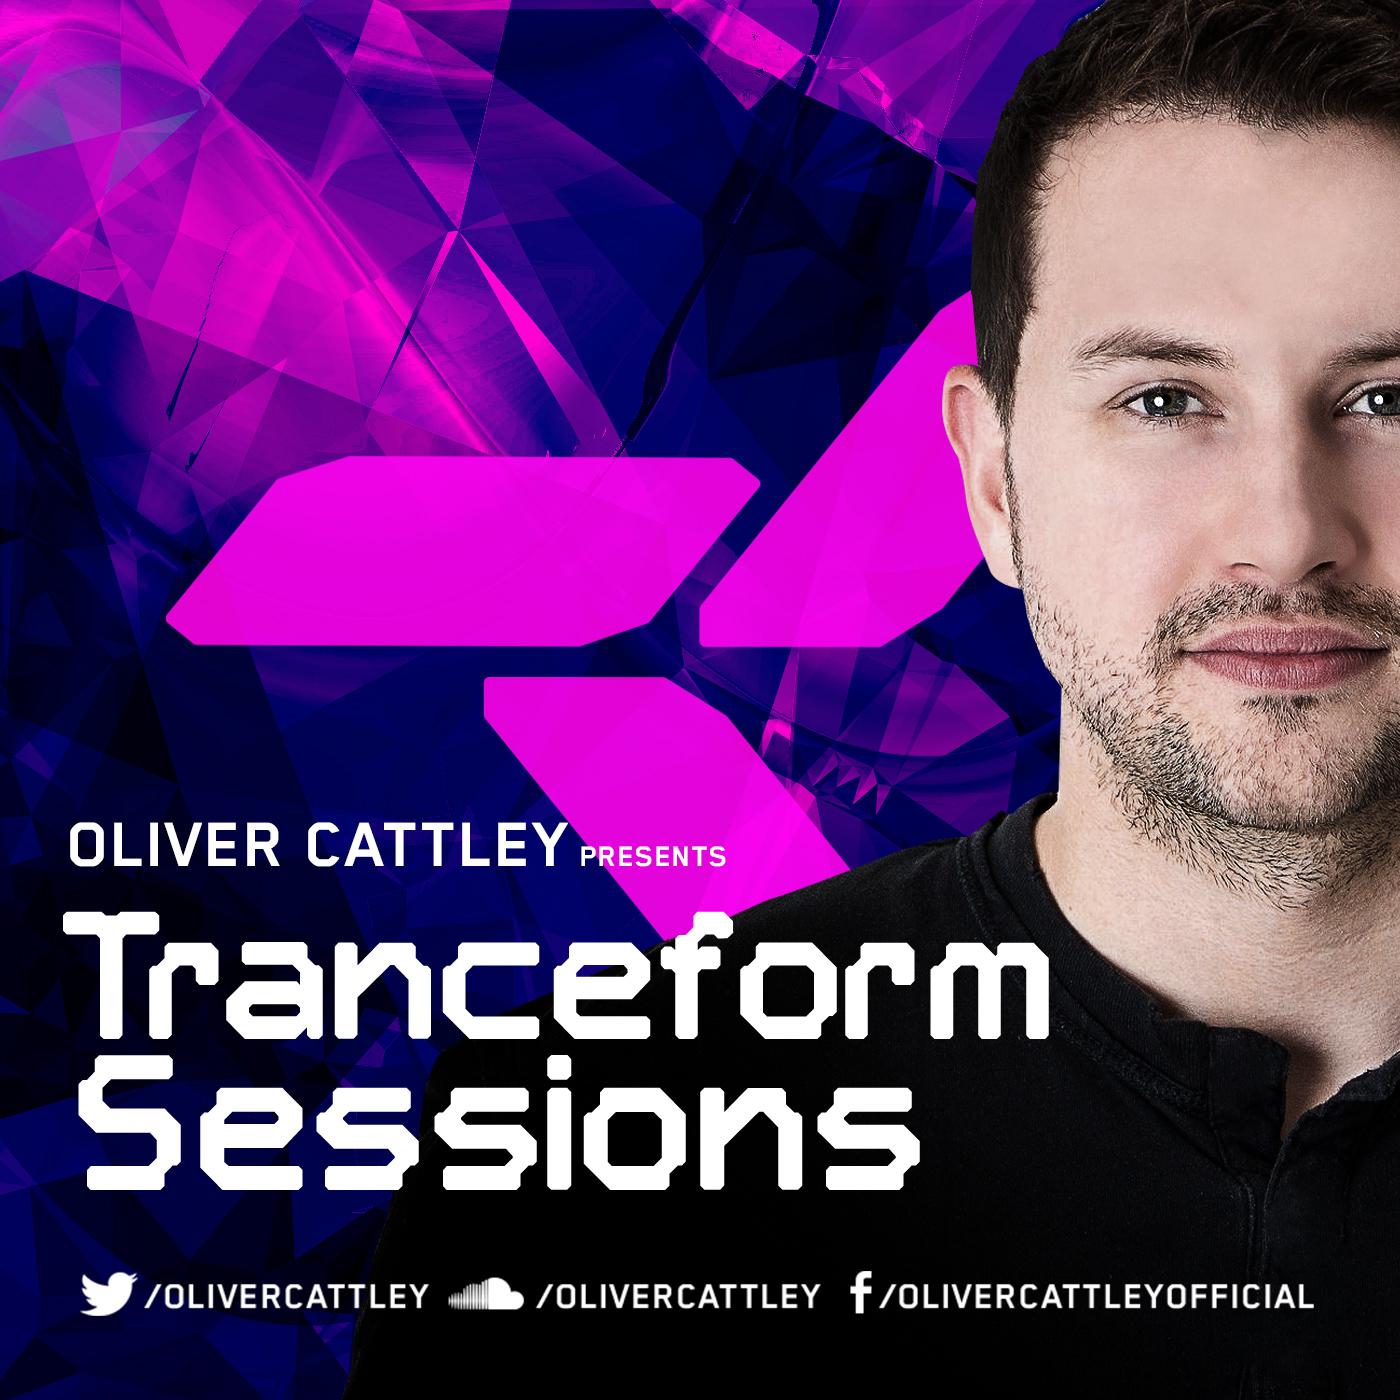 Oliver Cattley - Tranceform Sessions Image